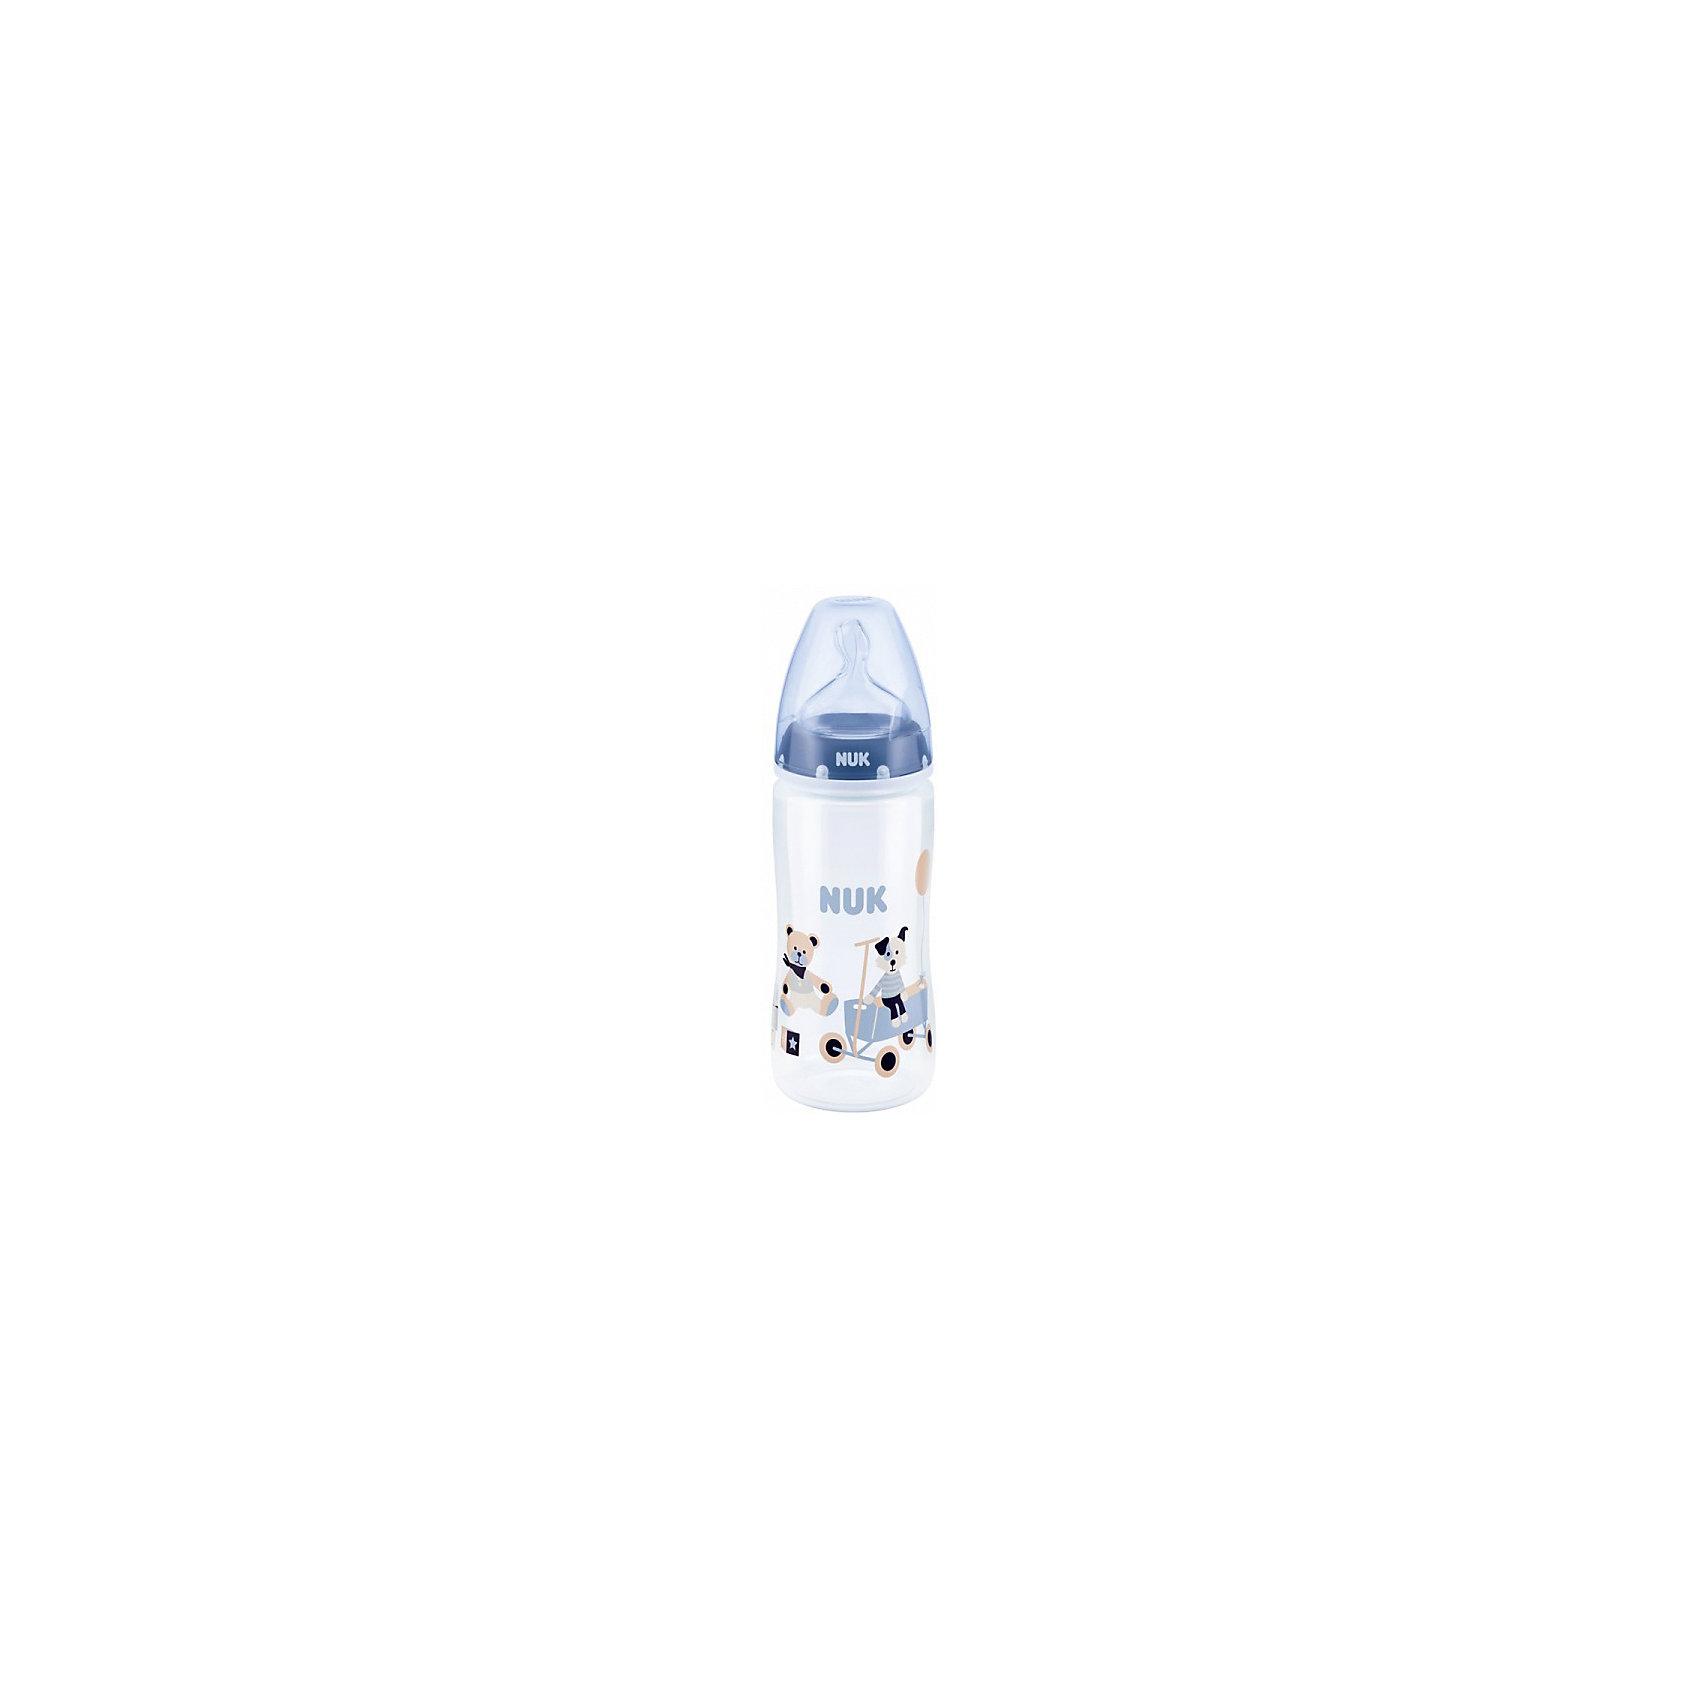 Бутылочка First Choice Plus, средний поток, 300 мл., NUK, синийБутылочки и аксессуары<br>Бутылочка First Choice Plus пласт. (ПП) 300 мл с сил. соской М р-р 1, от известного немецкого производителя высококачественных товаров для новорожденных NUK (Нук). Эта бутылочка представлена в современных цветовых гаммах и придет по вкусу как родителям, так и малышам. Безопасные материалы бутылочки соответствуют европейским стандартам качества и не содержат бисфенол А. Соска выполнена из силикона, полностью прозрачна и не имеет собственного вкуса или запаха. Ортодонтическая форма соски подстраивается под ротик малыша и оставляет место для движения языка. Специально разработанная схема строения соски не пропускает воздух вместе с пищей, предотвращая появление коликов. Превосходное качество и безопасность для вашего малыша.<br><br>Дополнительная информация:<br><br>- Состав: силикон, пластик<br>- Объем бутылочки: 300 мл.<br>- Размер соски: 1<br>- Отверстие для пищи: среднее, М<br><br>Бутылочку First Choice Plus пласт. (ПП) 300 мл с сил. соской М р-р 1, NUK (Нук) можно купить в нашем интернет-магазине.<br>Подробнее:<br>• Для детей в возрасте: от 0 месяцев<br>• Номер товара: 4998404<br>Страна производитель: Германия<br><br>Ширина мм: 75<br>Глубина мм: 65<br>Высота мм: 245<br>Вес г: 115<br>Возраст от месяцев: 0<br>Возраст до месяцев: 6<br>Пол: Унисекс<br>Возраст: Детский<br>SKU: 4998404